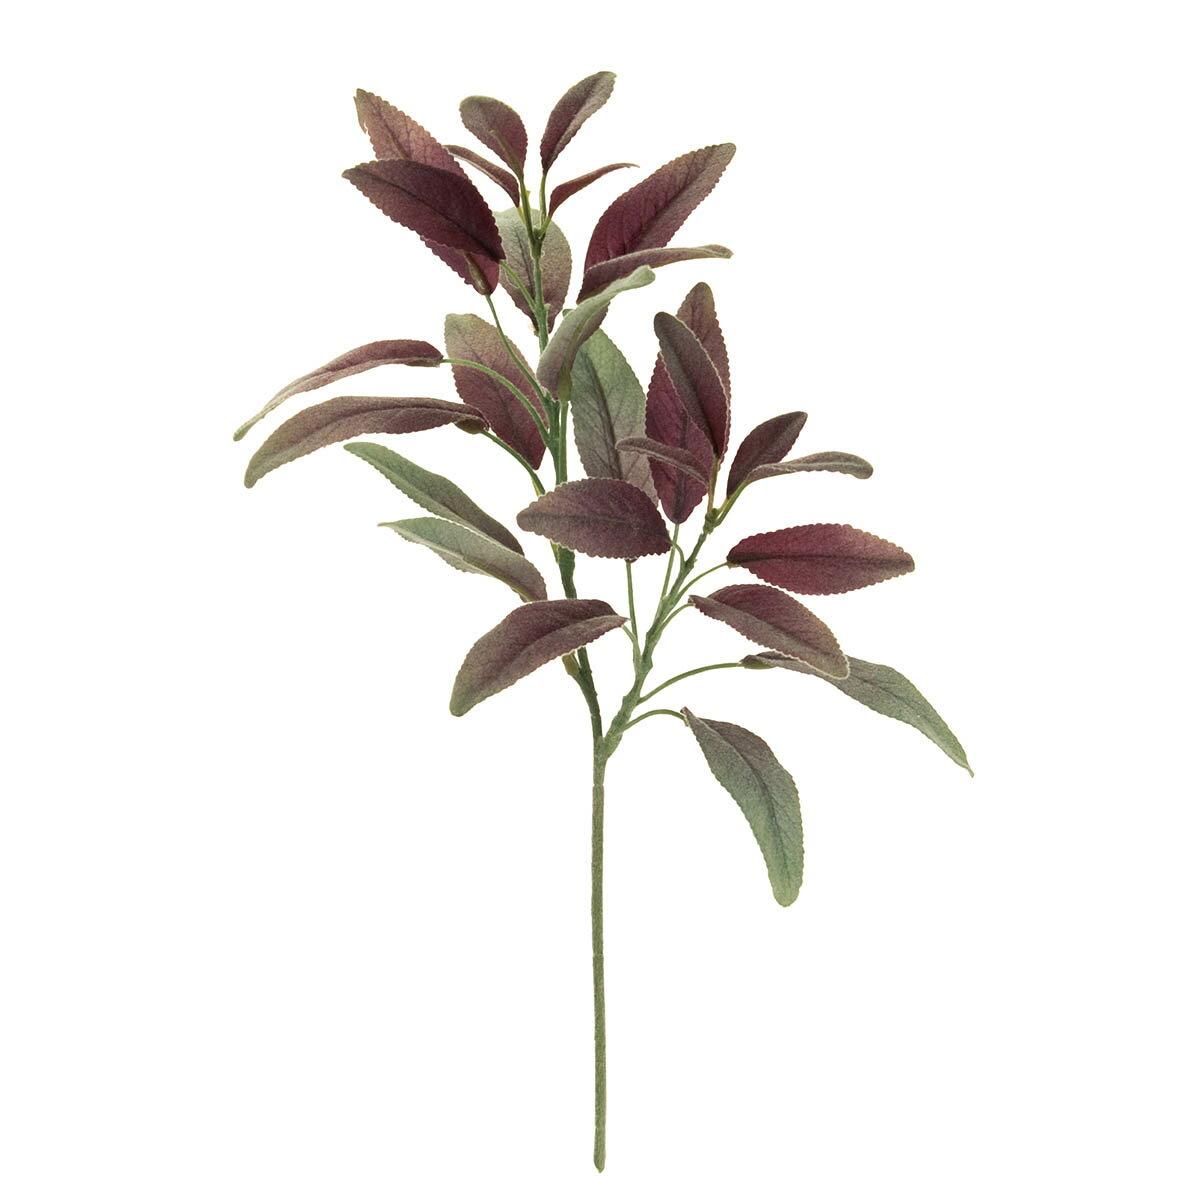 【造花】MAGIQ(東京堂)/サルビアヴィオレ パープルグリーン/FG009663【01】【取寄】《 造花(アーティフィシャルフラワー) 造花葉物、フェイクグリーン その他の造花葉物・フェイクグリーン 》